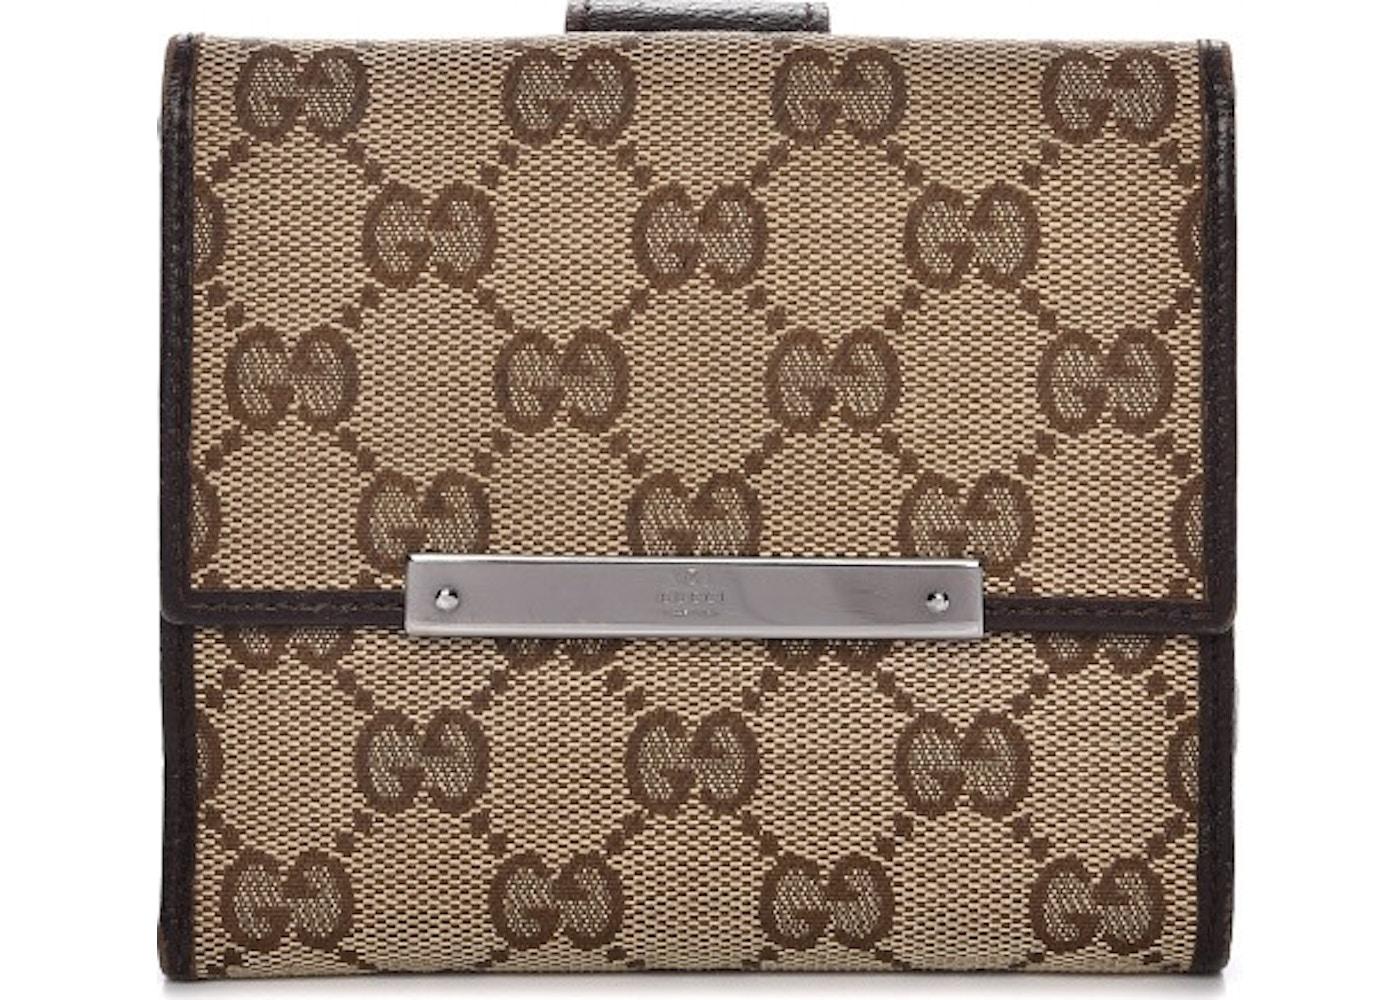 428330728574 Gucci French Flap Wallet Monogram GG Dark Brown/Brown/Beige. Monogram GG  Dark Brown/Brown/Beige